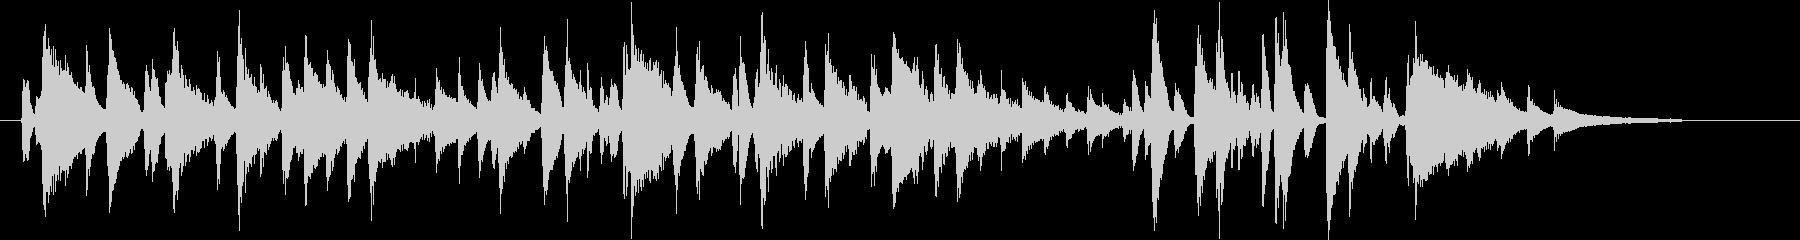 ハッピーバースデー JAZZピアノSH版の未再生の波形